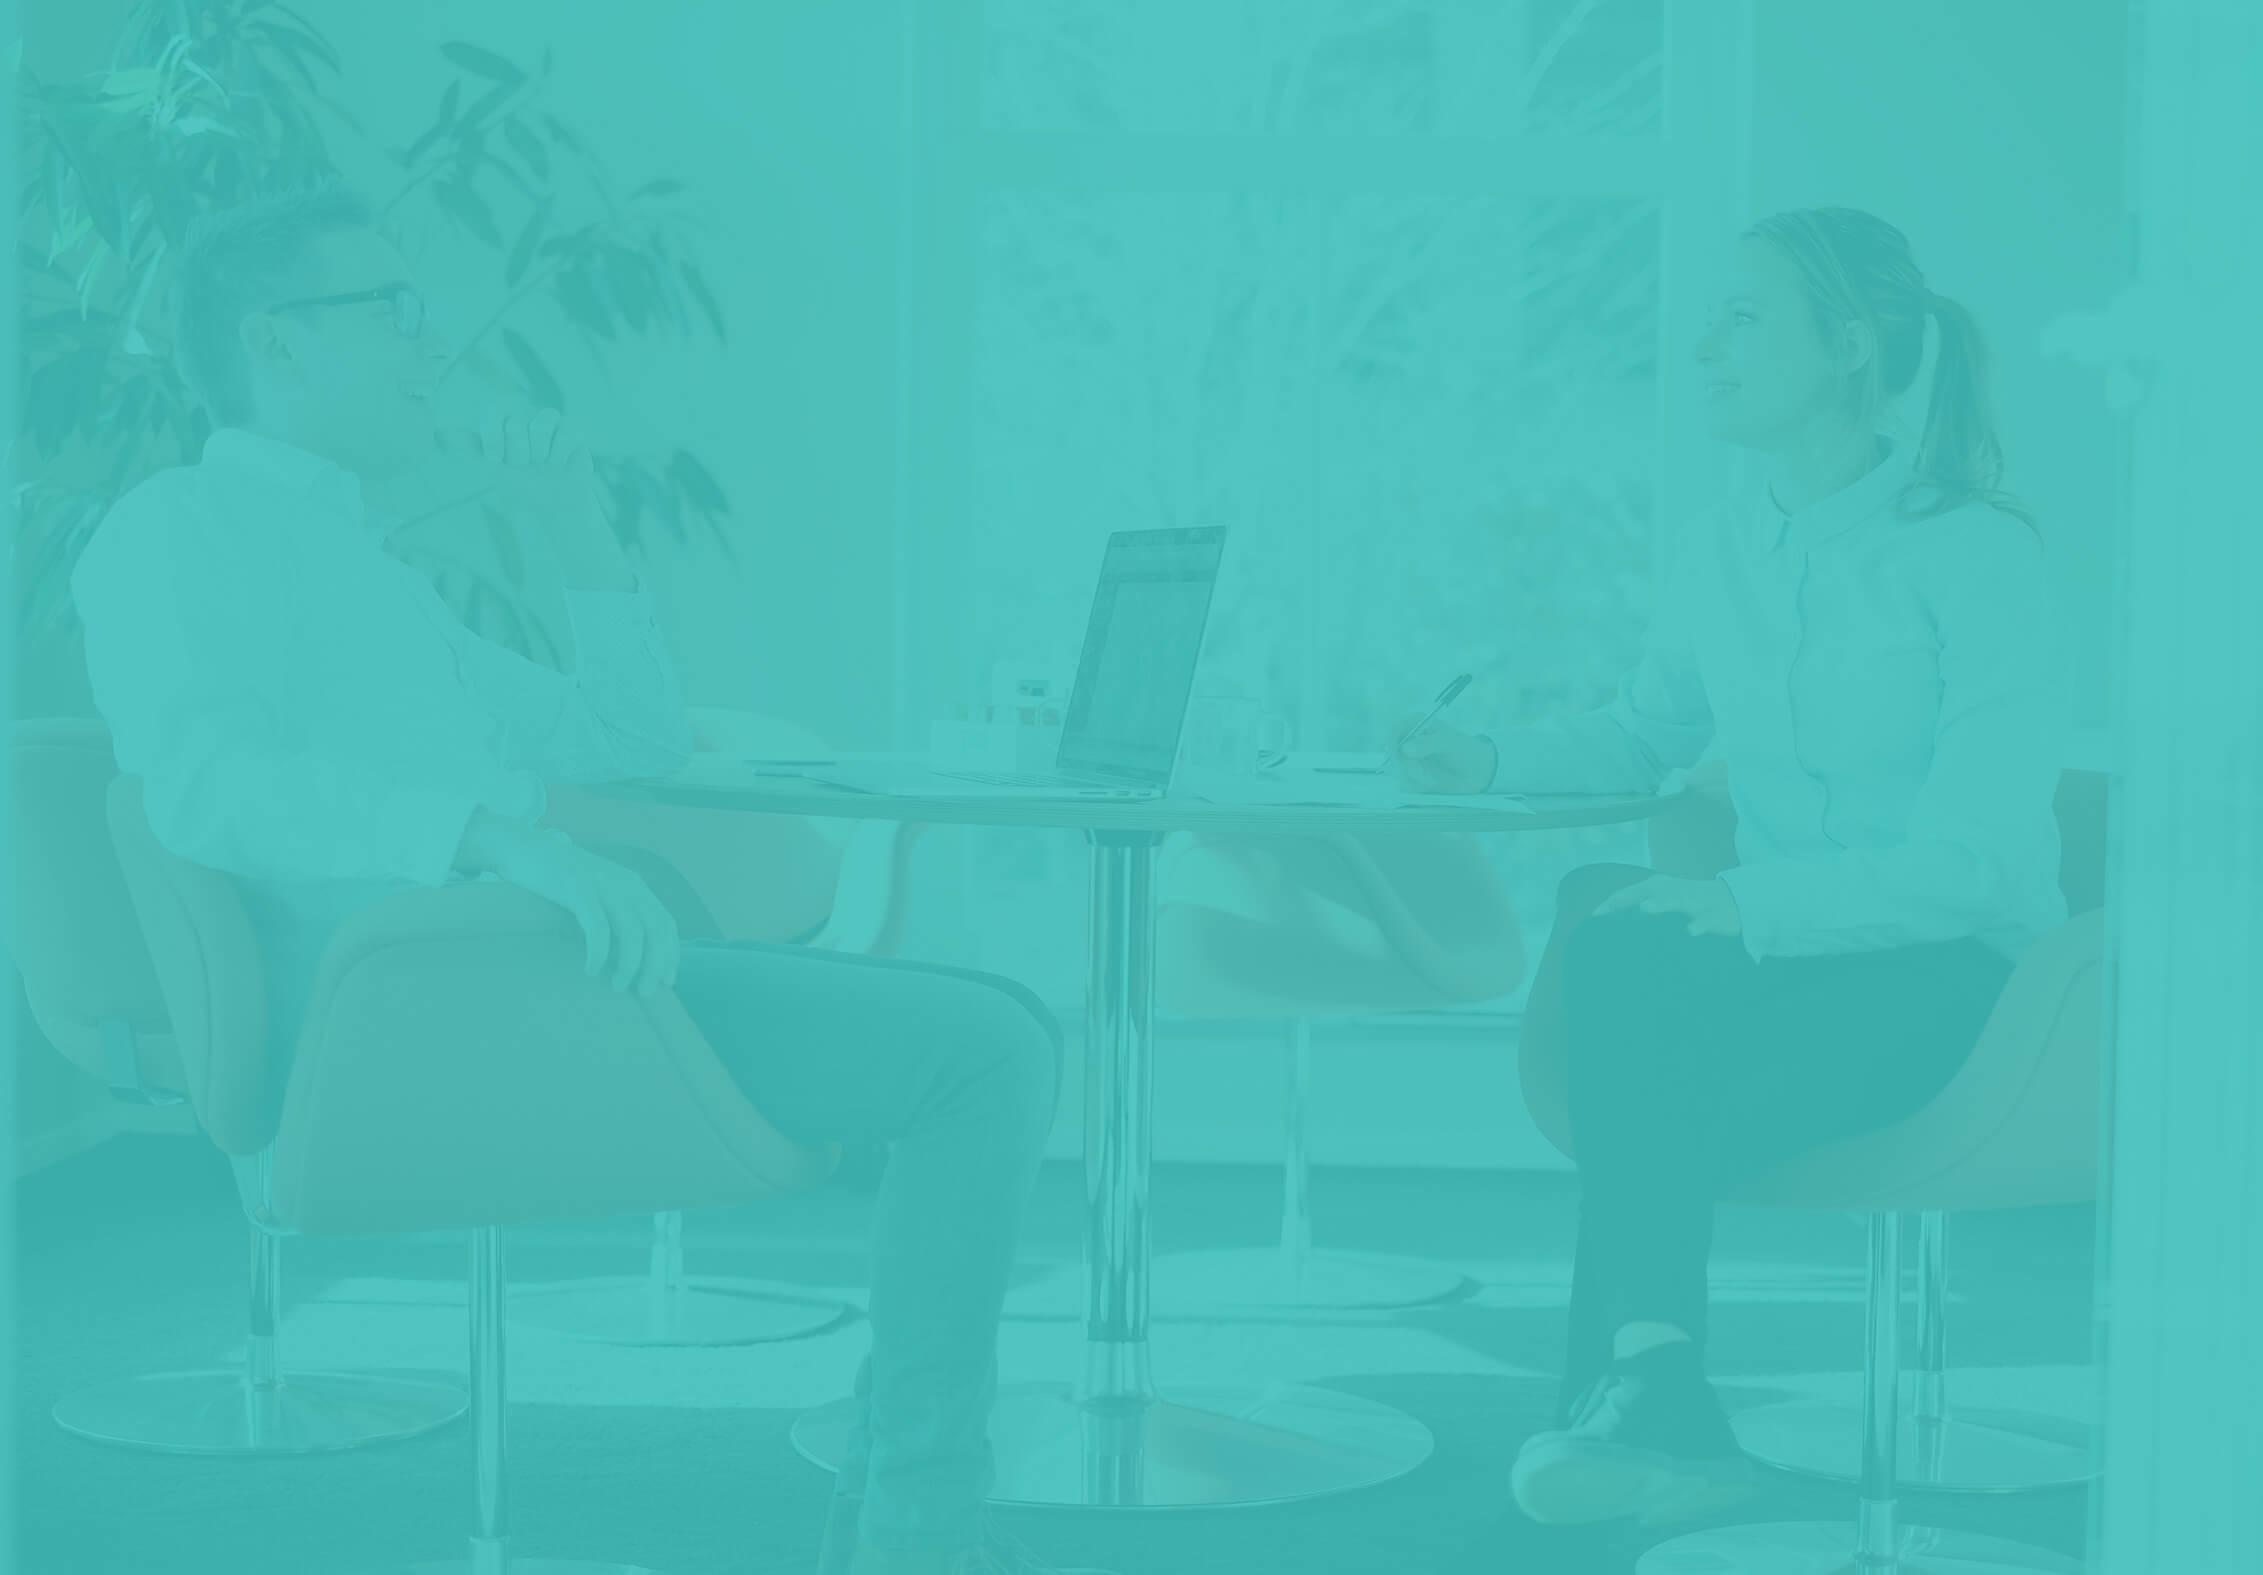 Welkom bij Holder | Realiseer jouw online ambities | Van ruwe diamant tot succesvolle applicatie